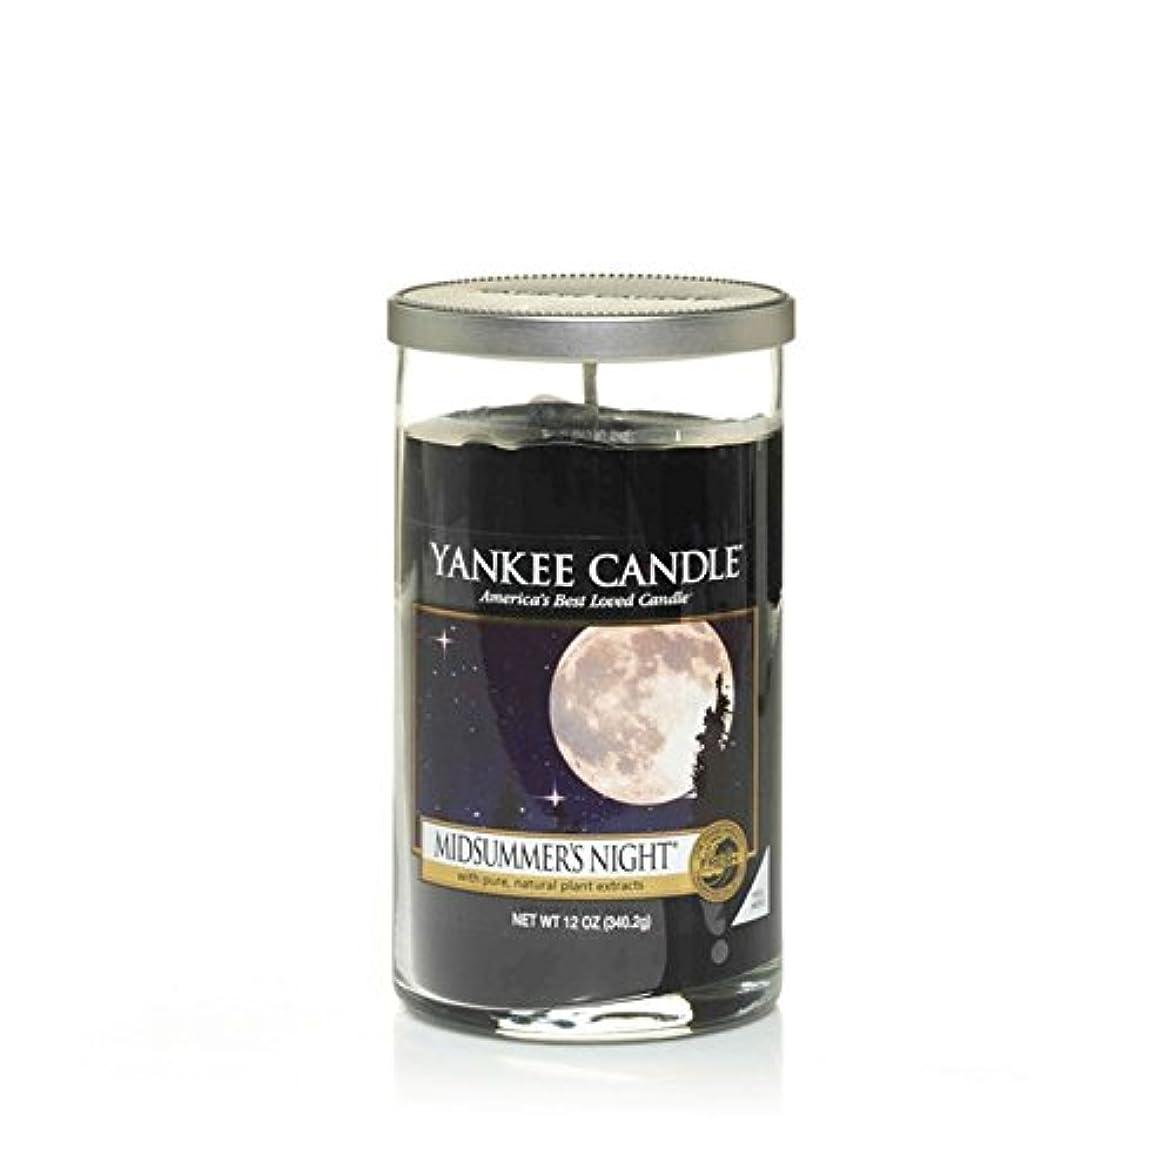 計器落ち着く幻滅ヤンキーキャンドルメディアピラーキャンドル - Midsummersの夜 - Yankee Candles Medium Pillar Candle - Midsummers Night (Yankee Candles)...